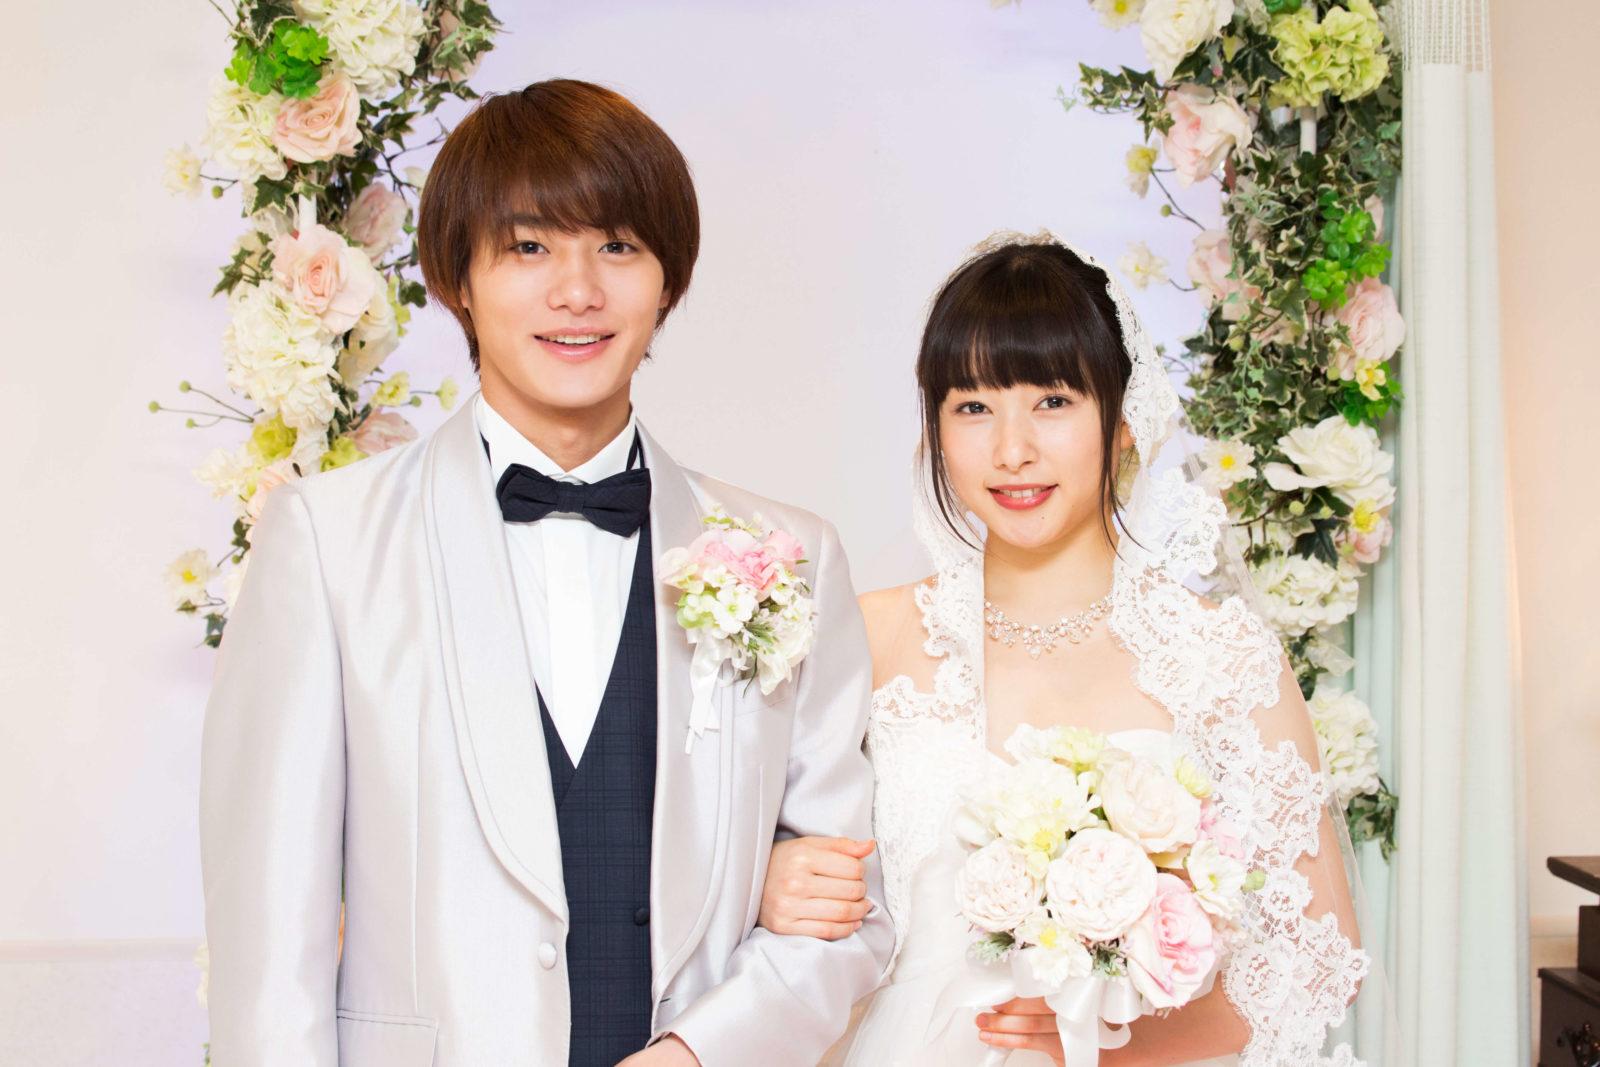 野村周平&桜井日奈子、ウェディング2ショットを公開サムネイル画像